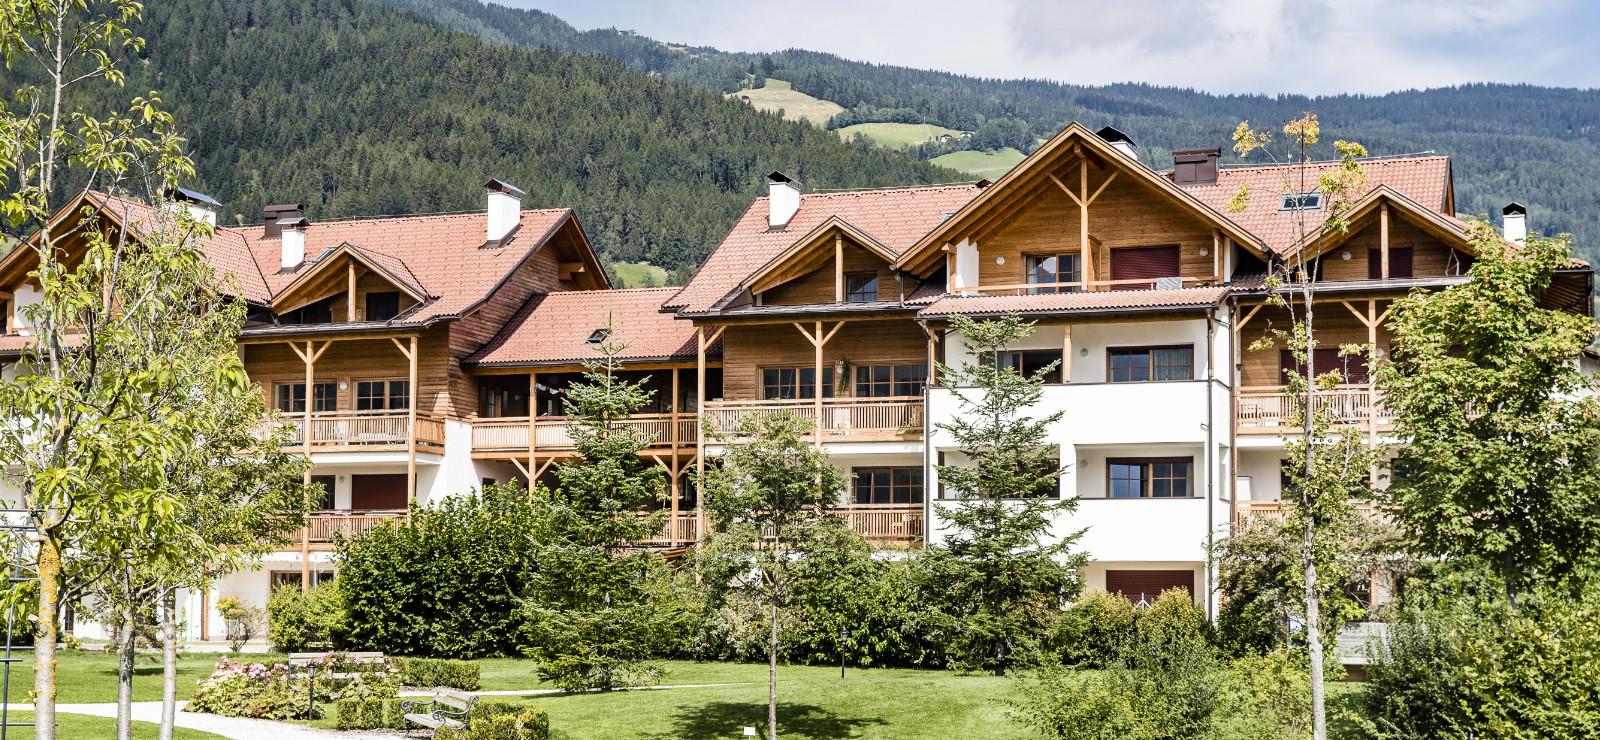 Hotel Zum Engel Bilder | Bild 1